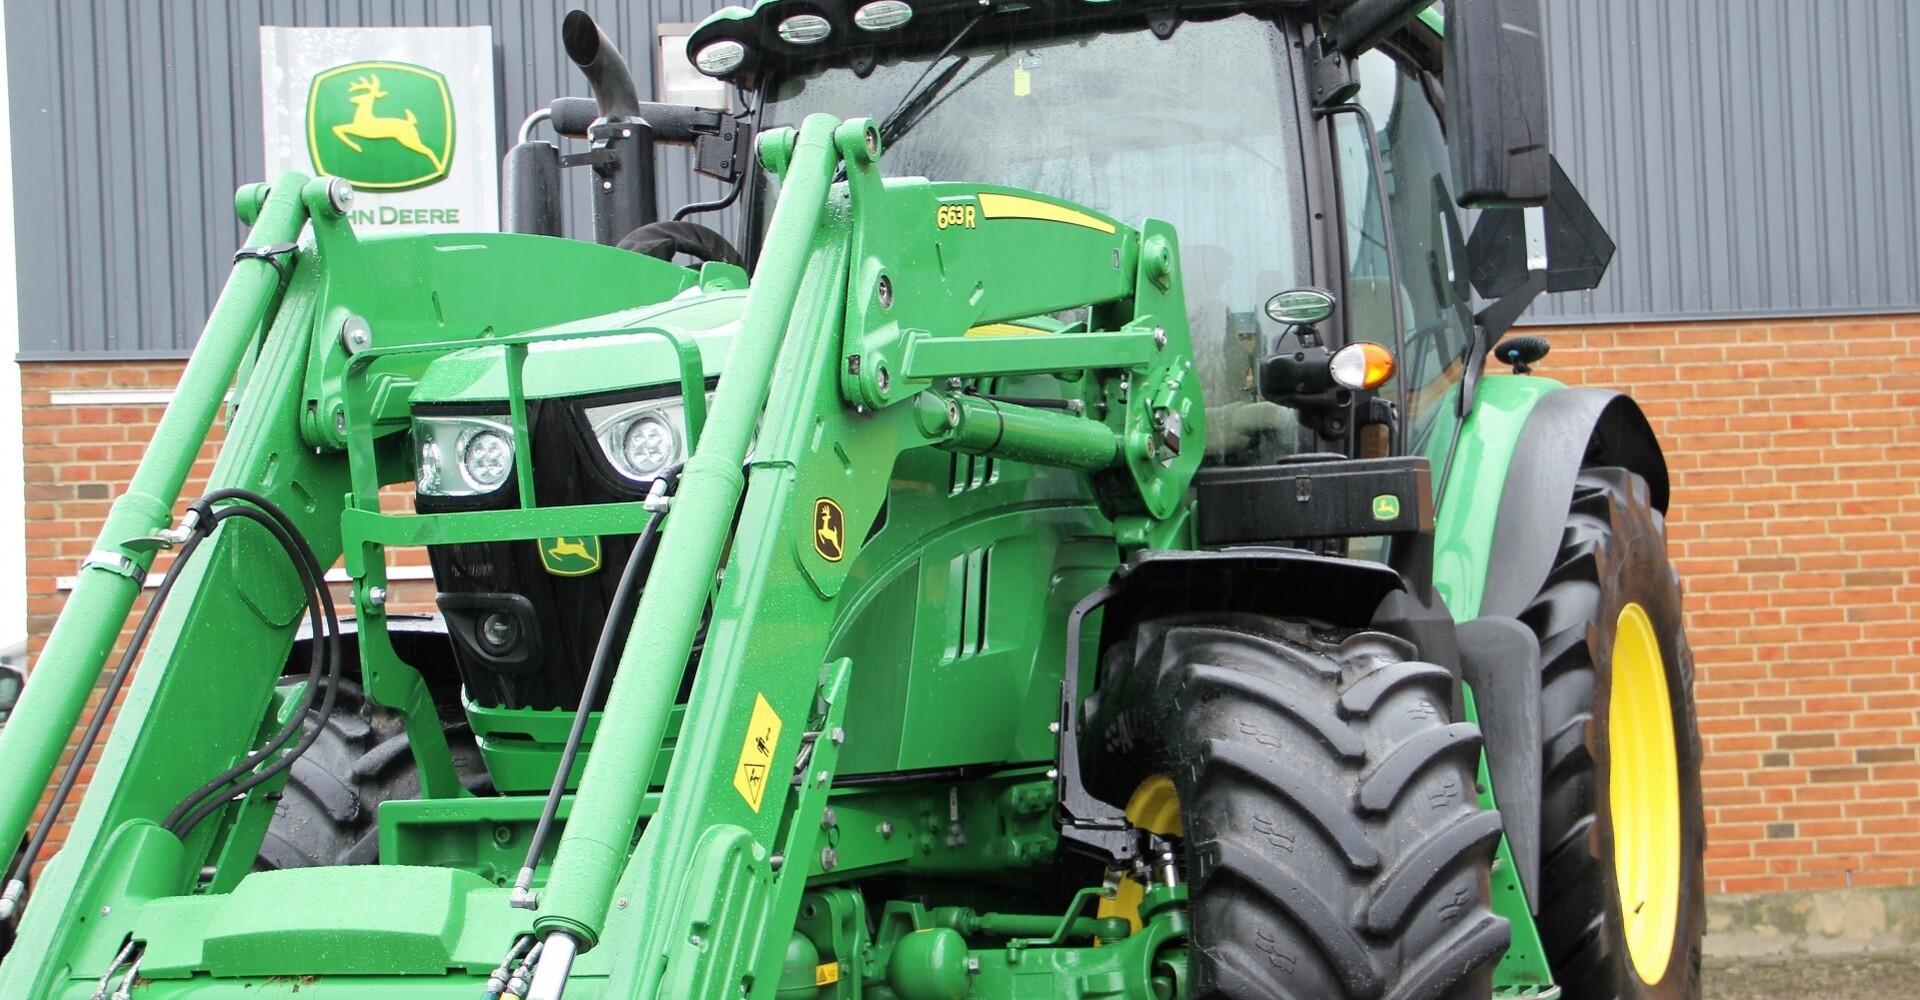 Frontlæssertraktor spækket med udstyr